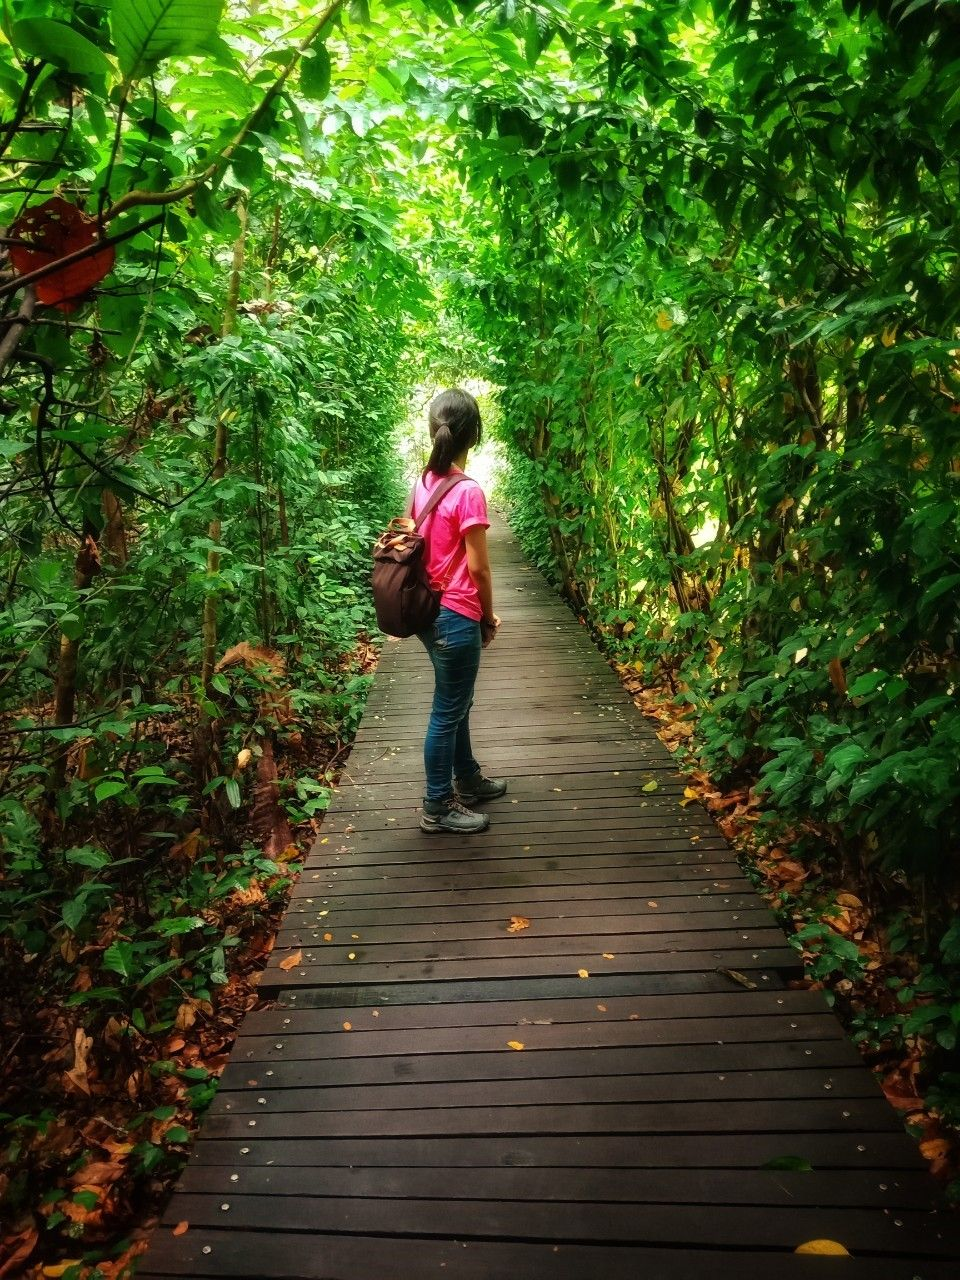 เดินป่ากลางเกาะสิงคโปร์ โลเคชั่นแบบนี้ก็มีด้วย!?